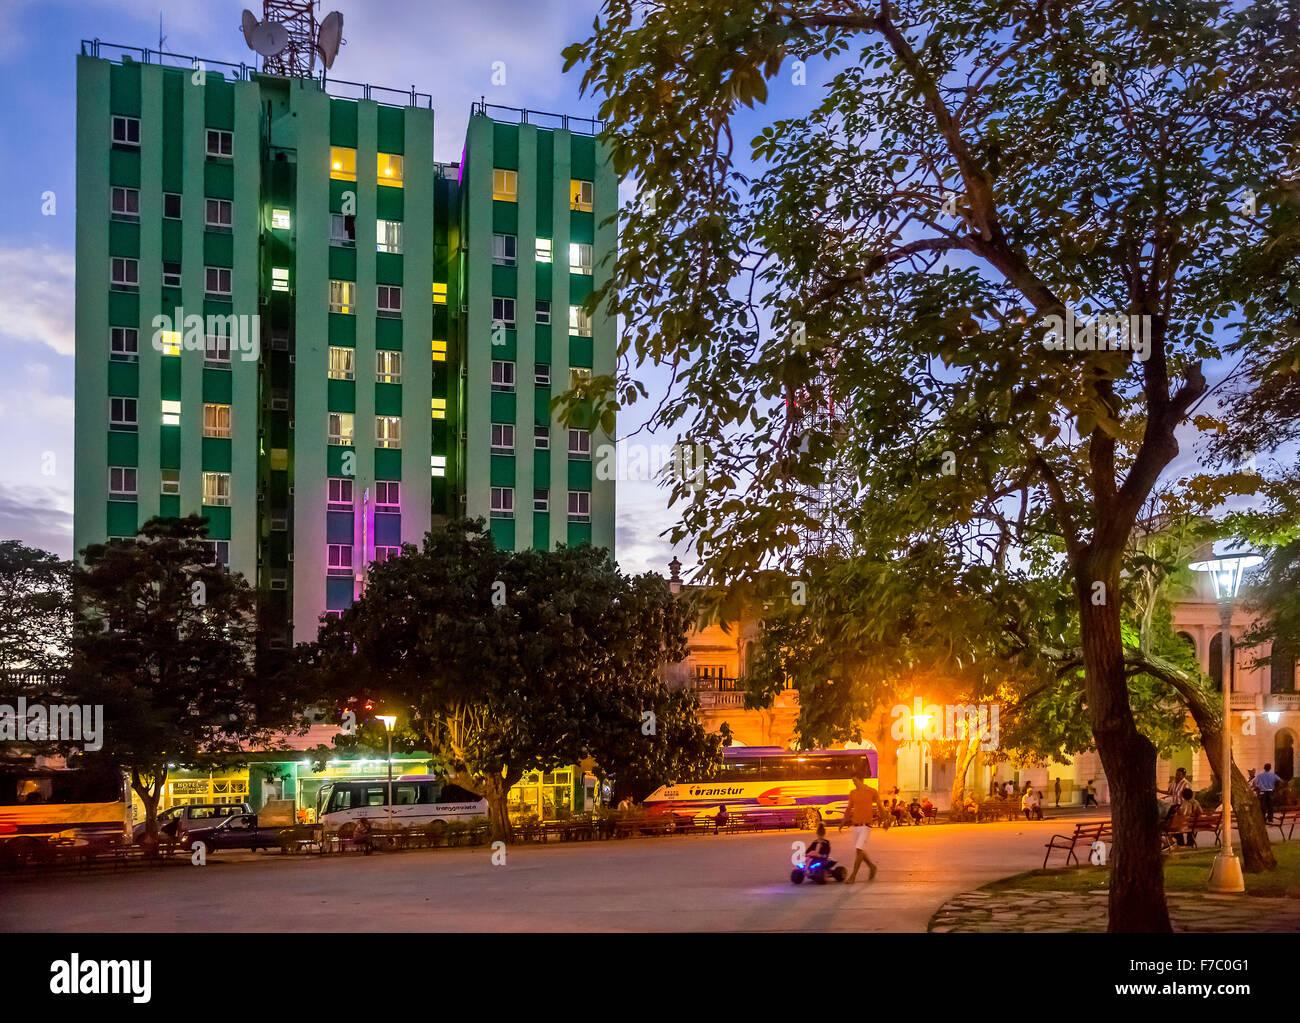 Hotel Santa Clara libre sur le parc Vidal, la vie de rue dans le centre de Santa Clara à Parque de Santa Clara, Photo Stock